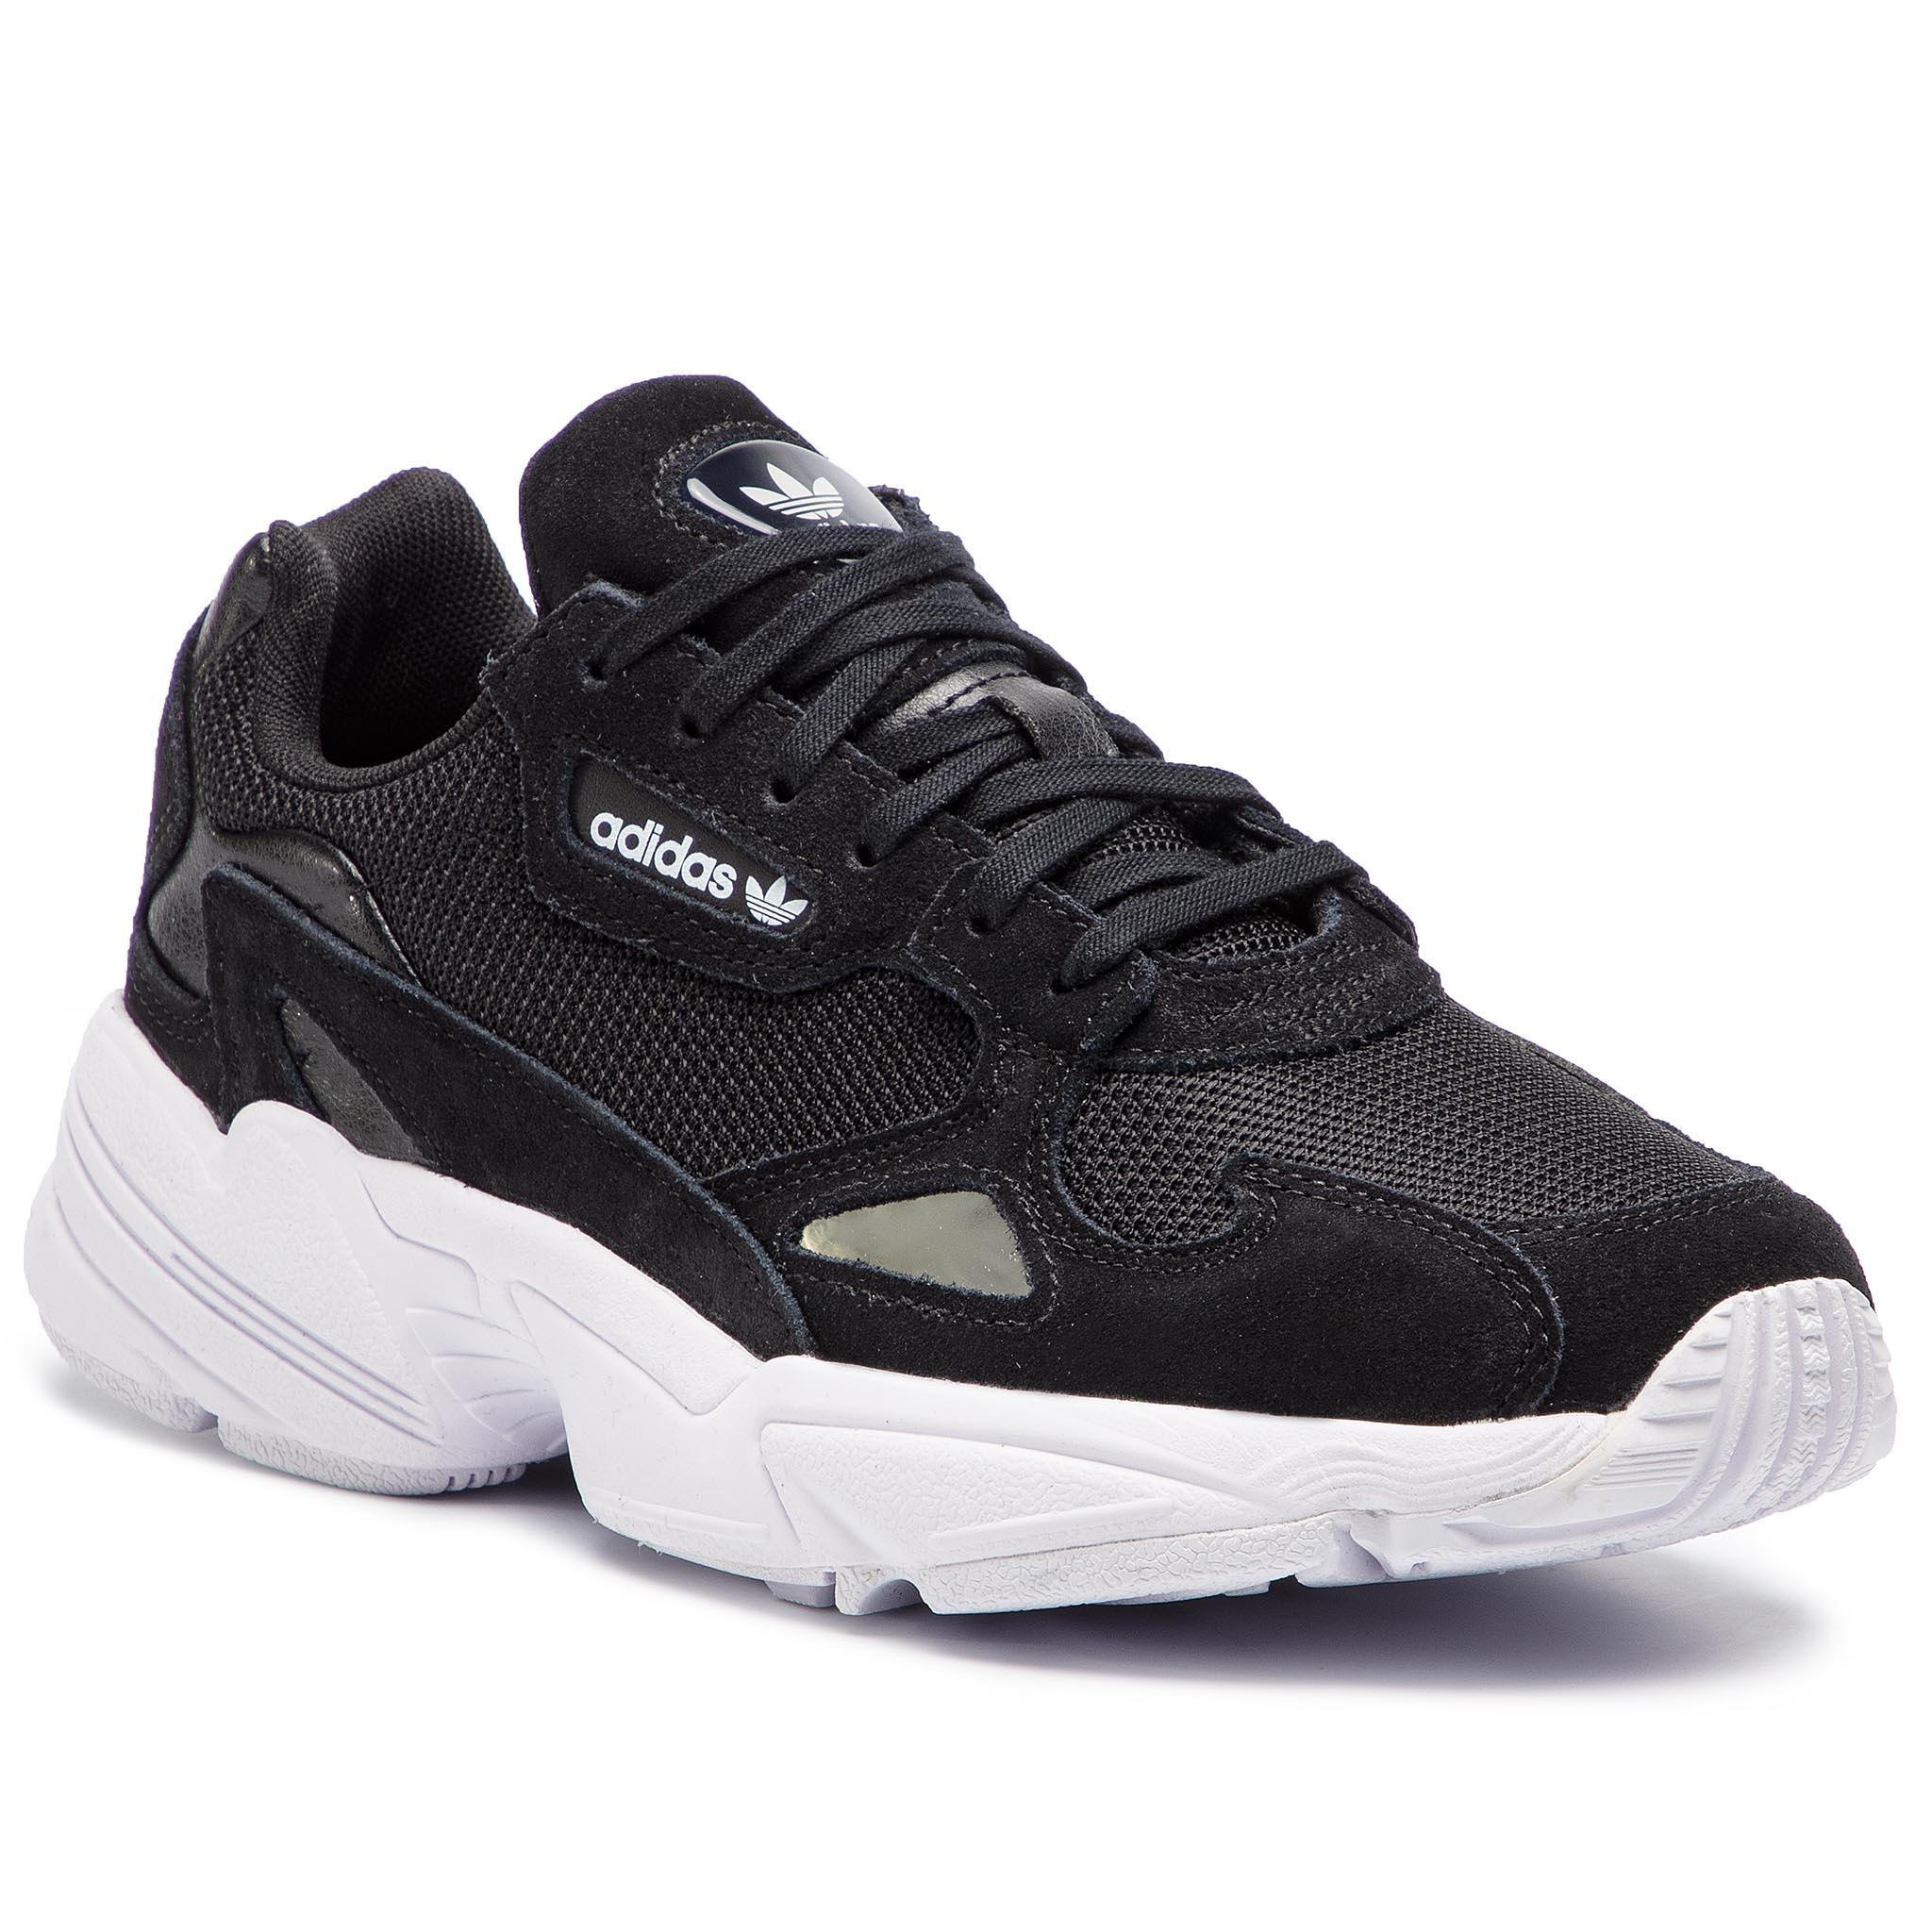 Cipő adidas - Falcon W B28129 Cblack Cblack Ftwwht - Glami.hu b371987dfc